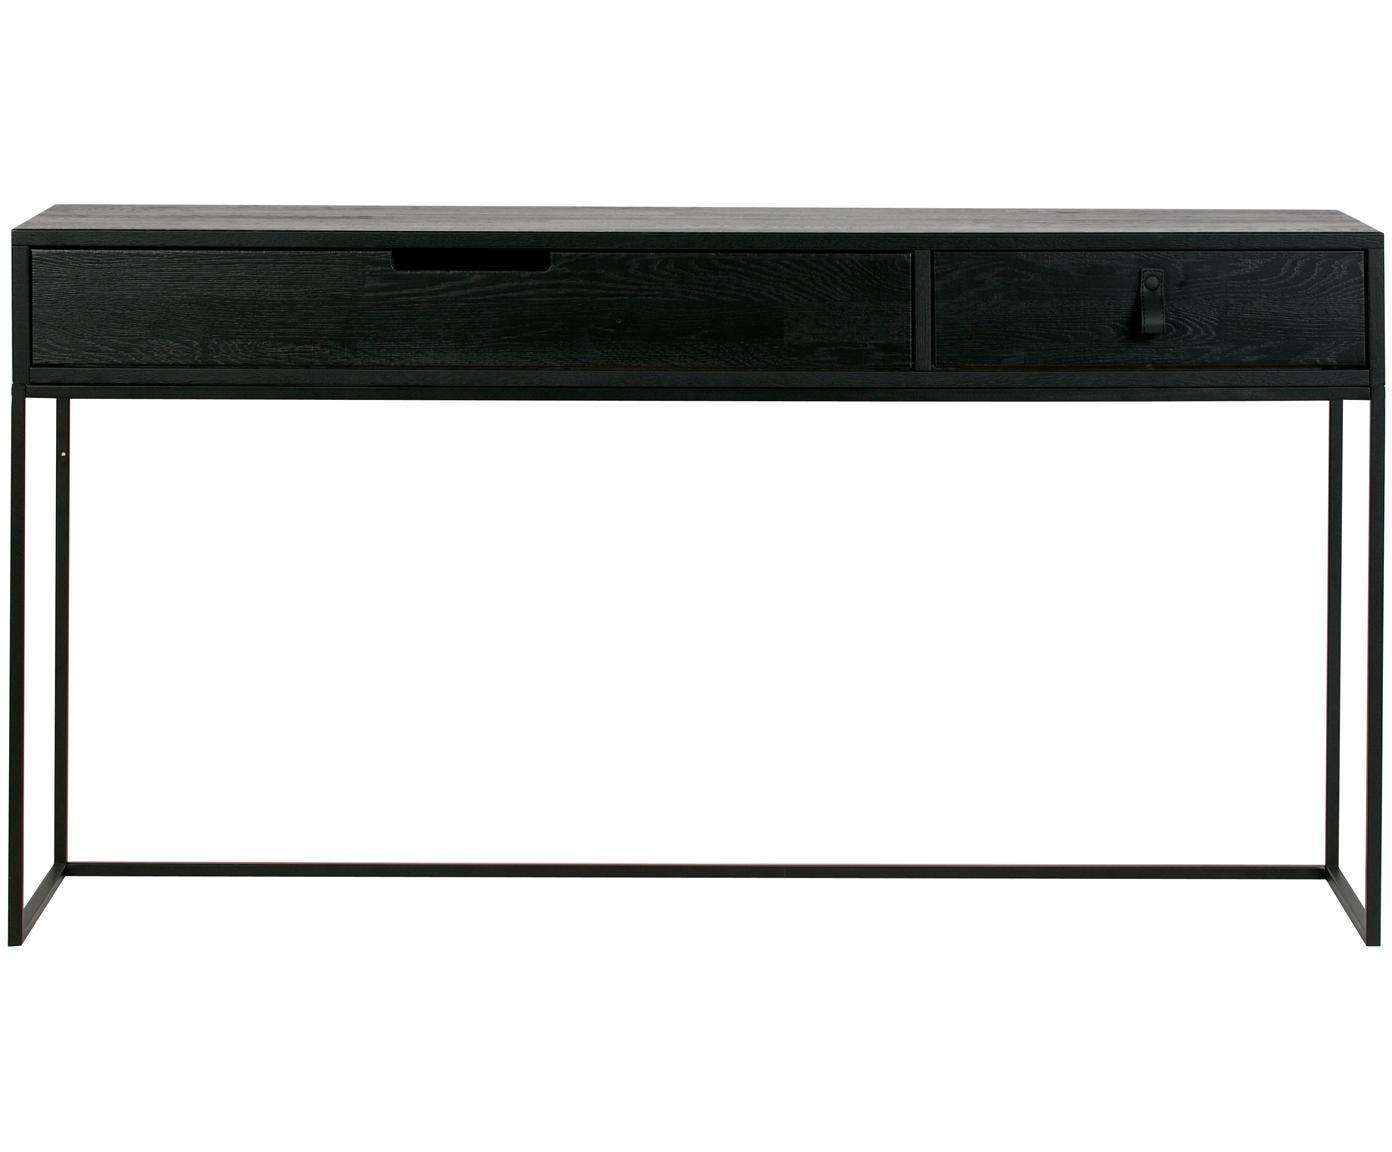 Consolle con 2 cassetti Silas, Struttura: metallo verniciato, Nero, Larg. 140 x Prof. 40 cm